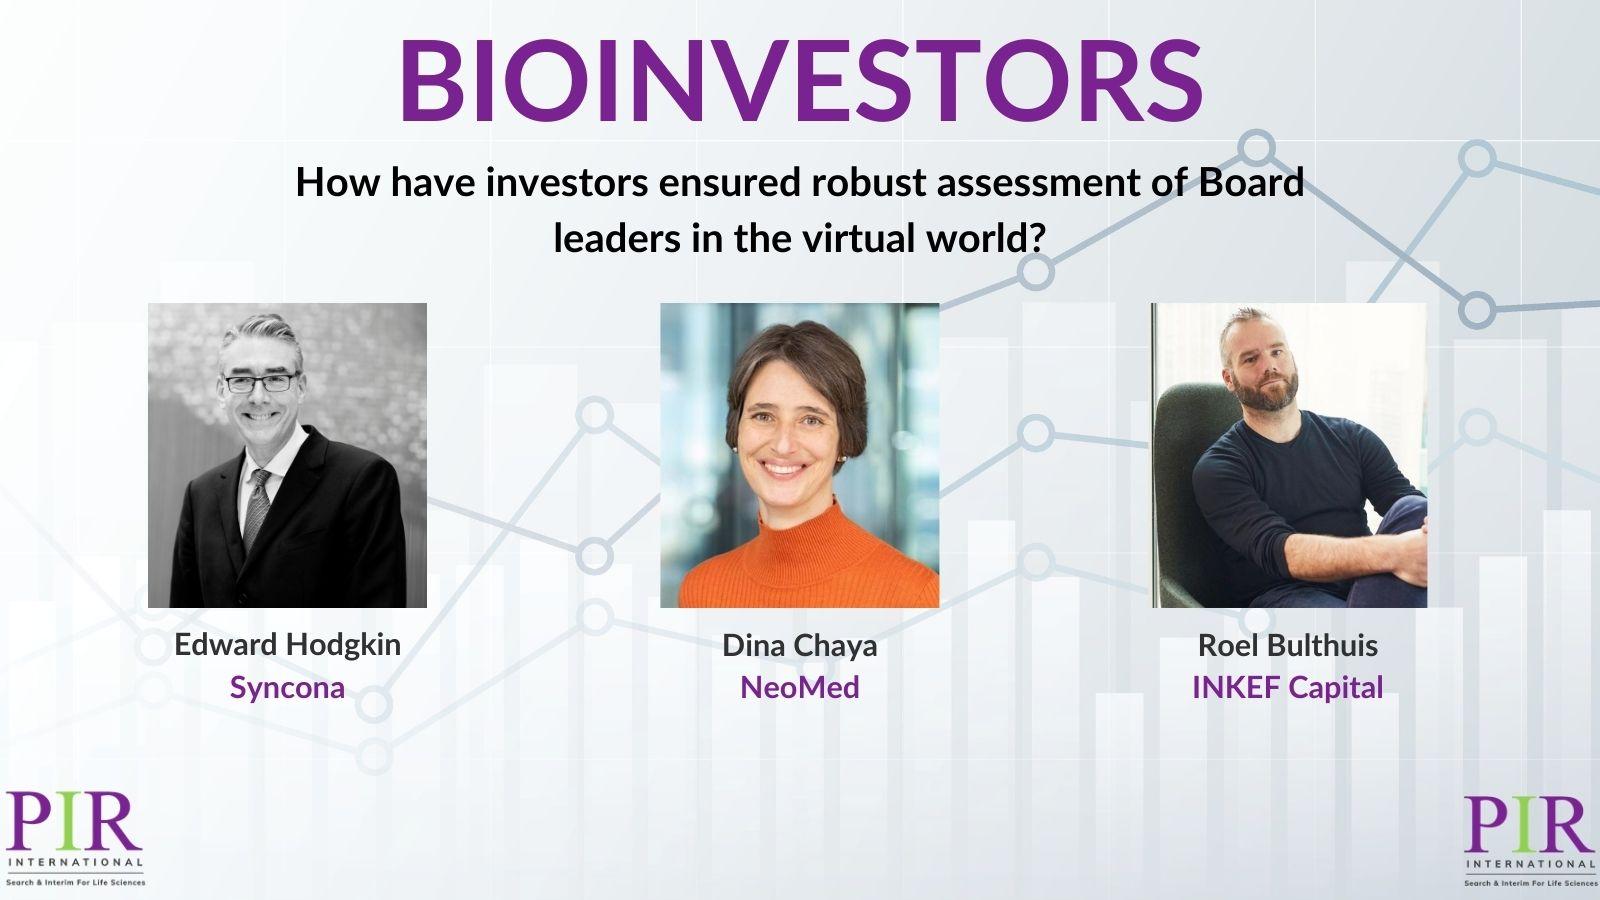 BioInvestors Q2 Part 2